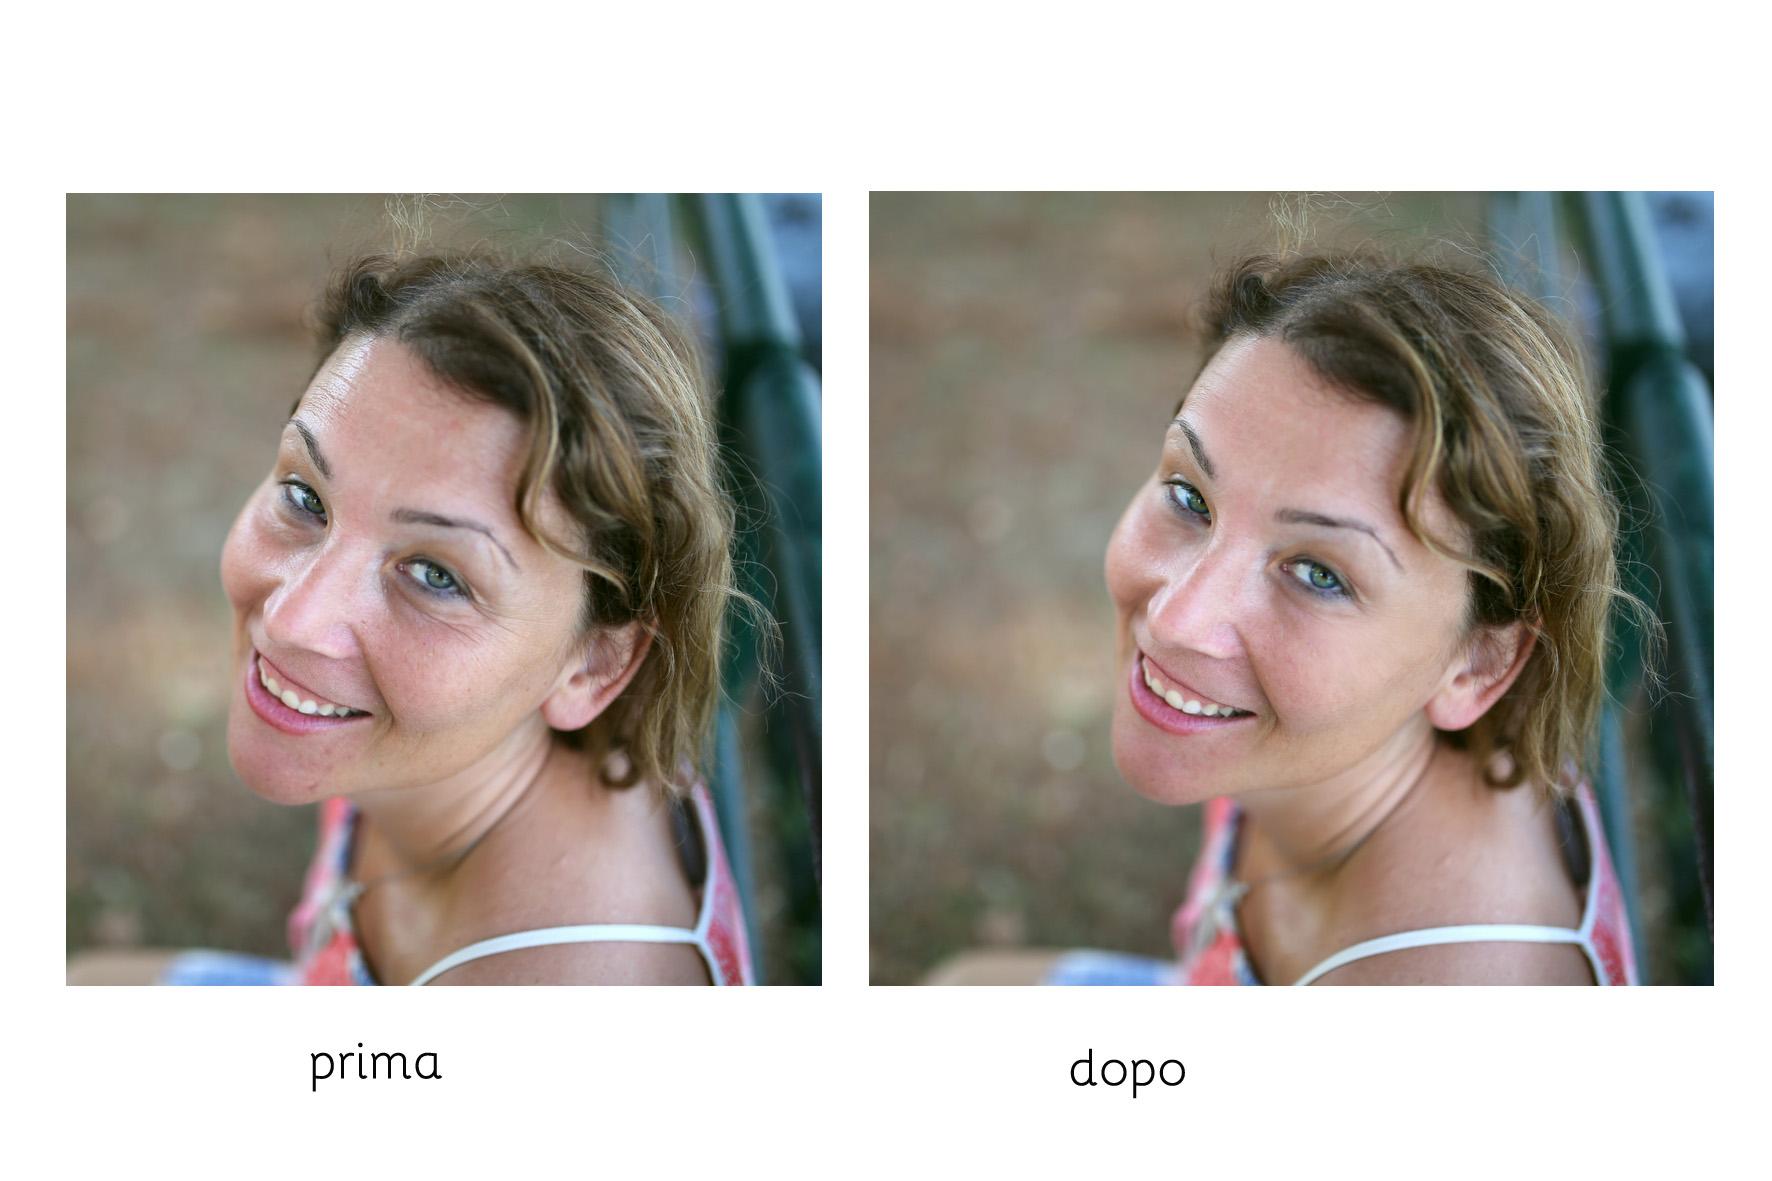 dani_pre-post